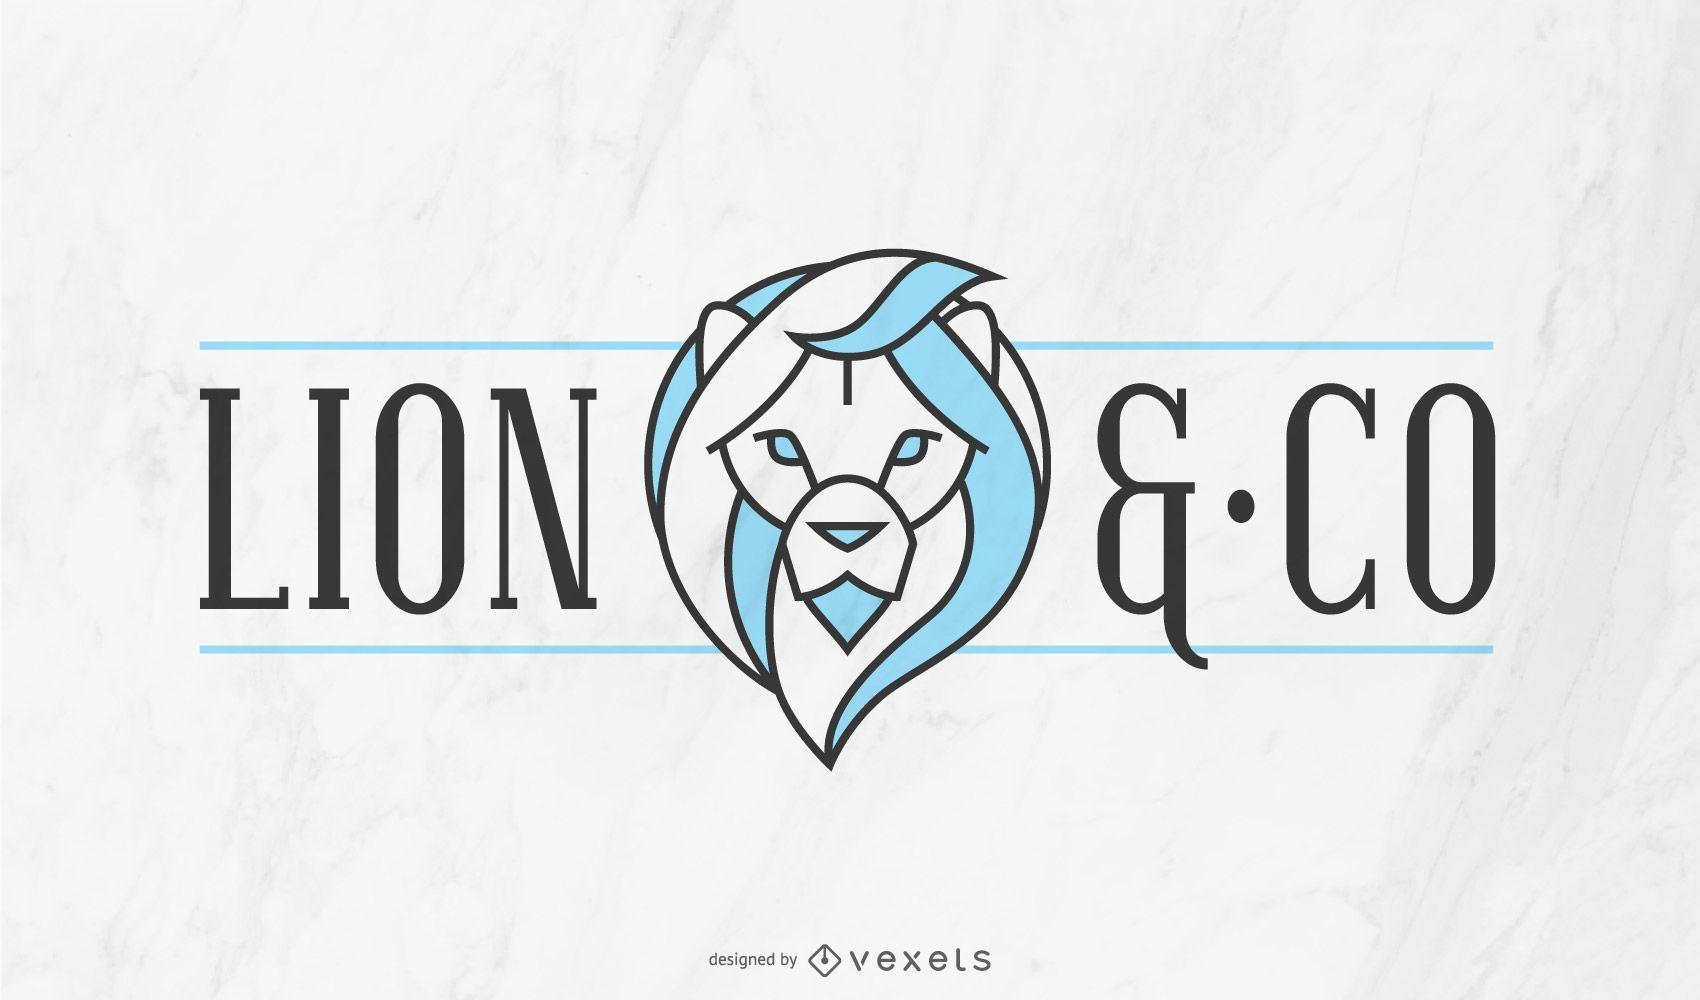 Modelo de logotipo da empresa Lion